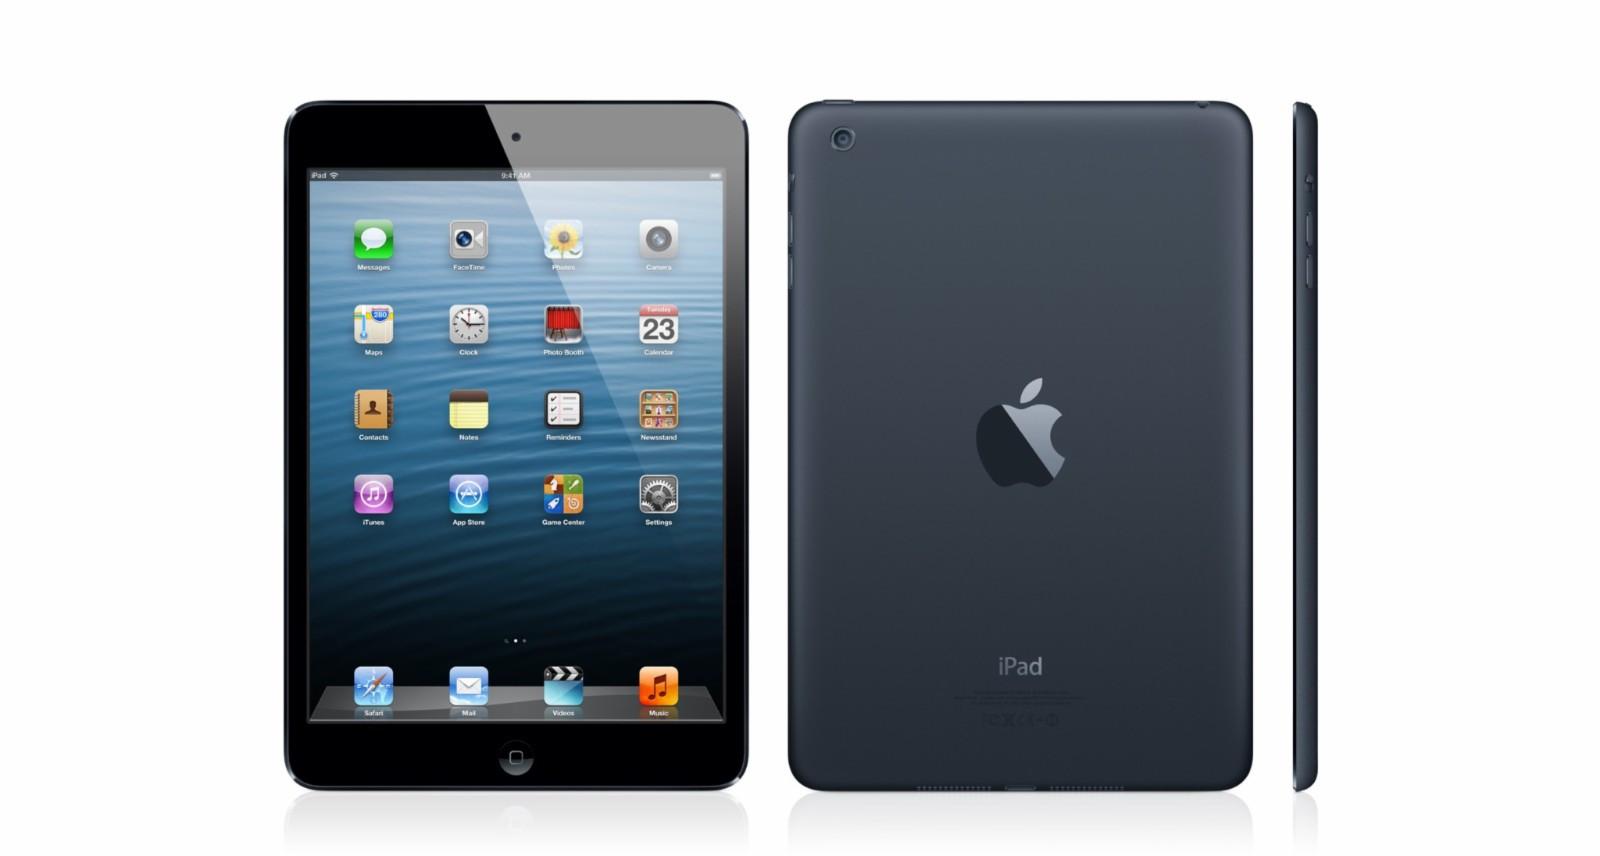 iPad selges - Haslum  - iPad 16GB sort selges.  iPad er hel og pen da jeg har hatt på skjerm beskytter samt en mappe.  iPad selges med stikk kontakt og lade kabel.   Ta kontakt - Haslum